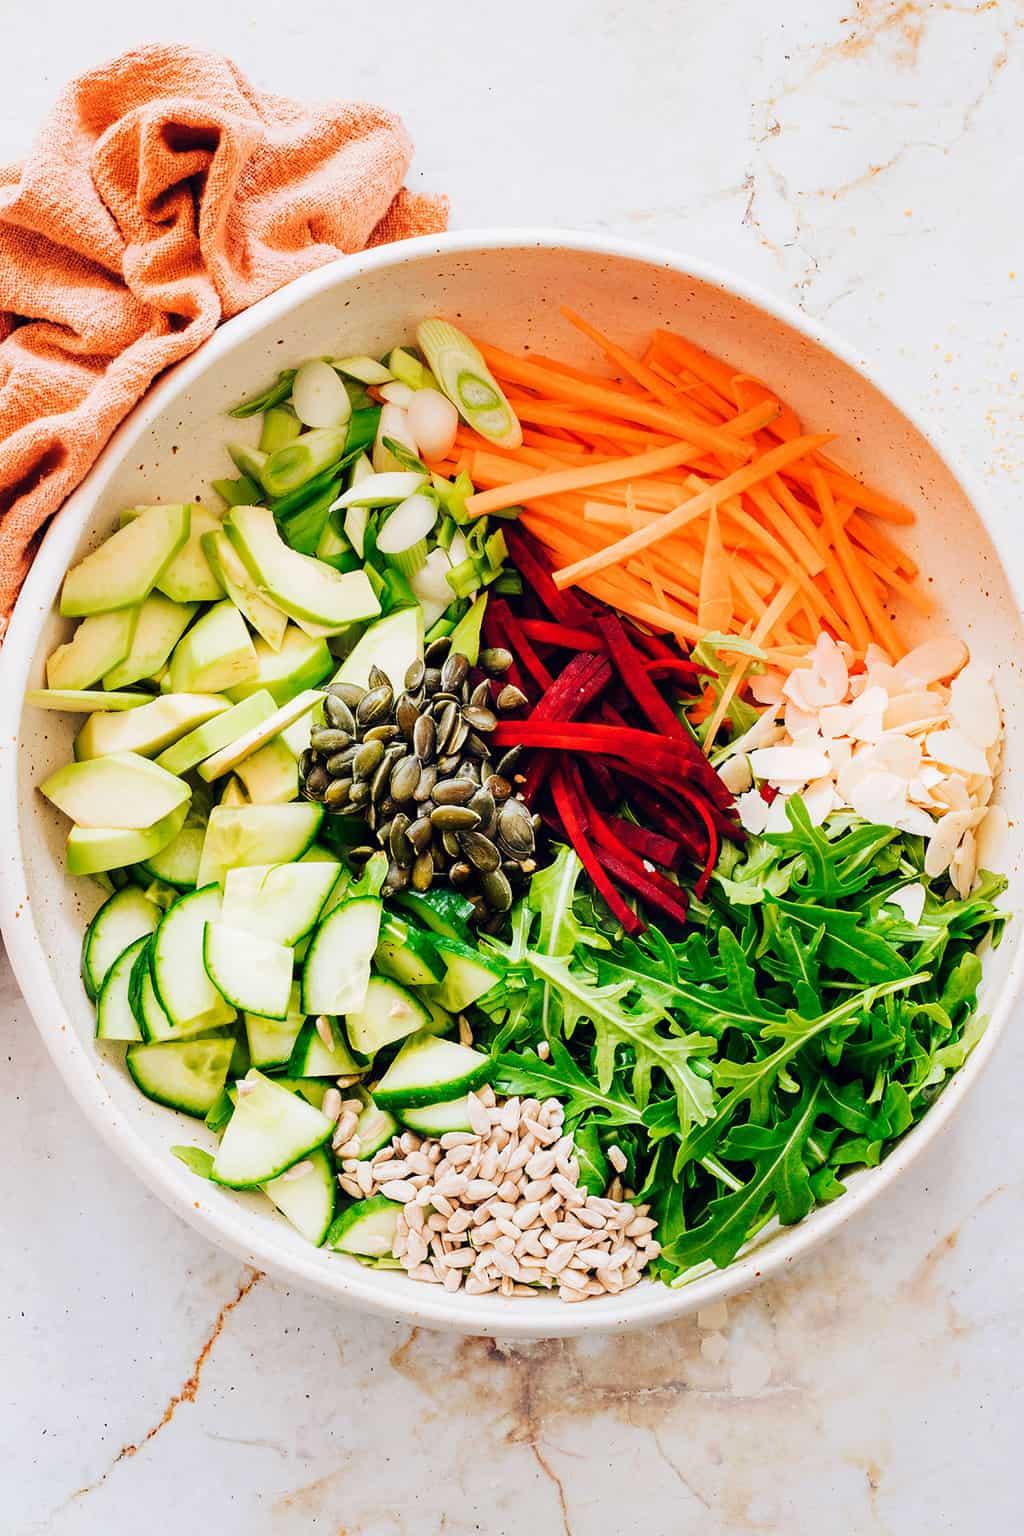 Resep Salad Sarat dengan Vitamin untuk Kulit Bercahaya